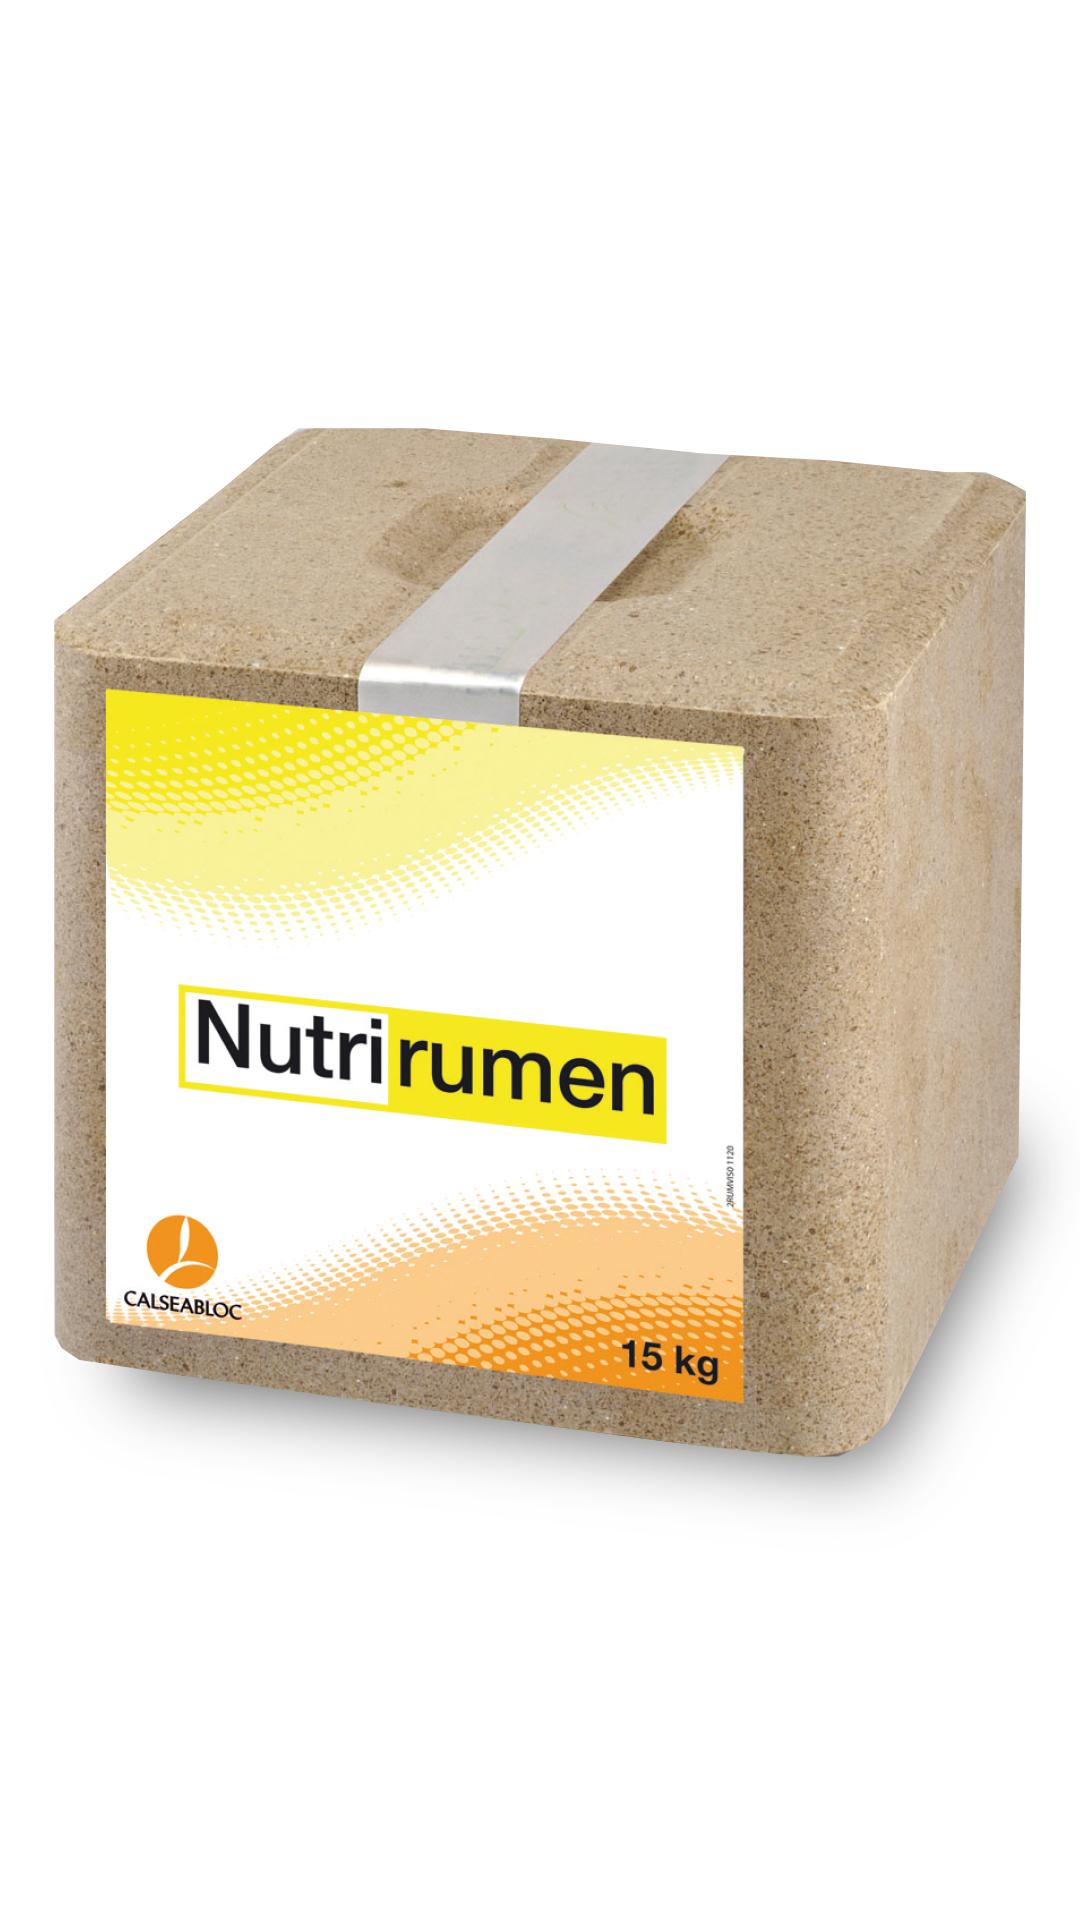 NUTRIRUMEN